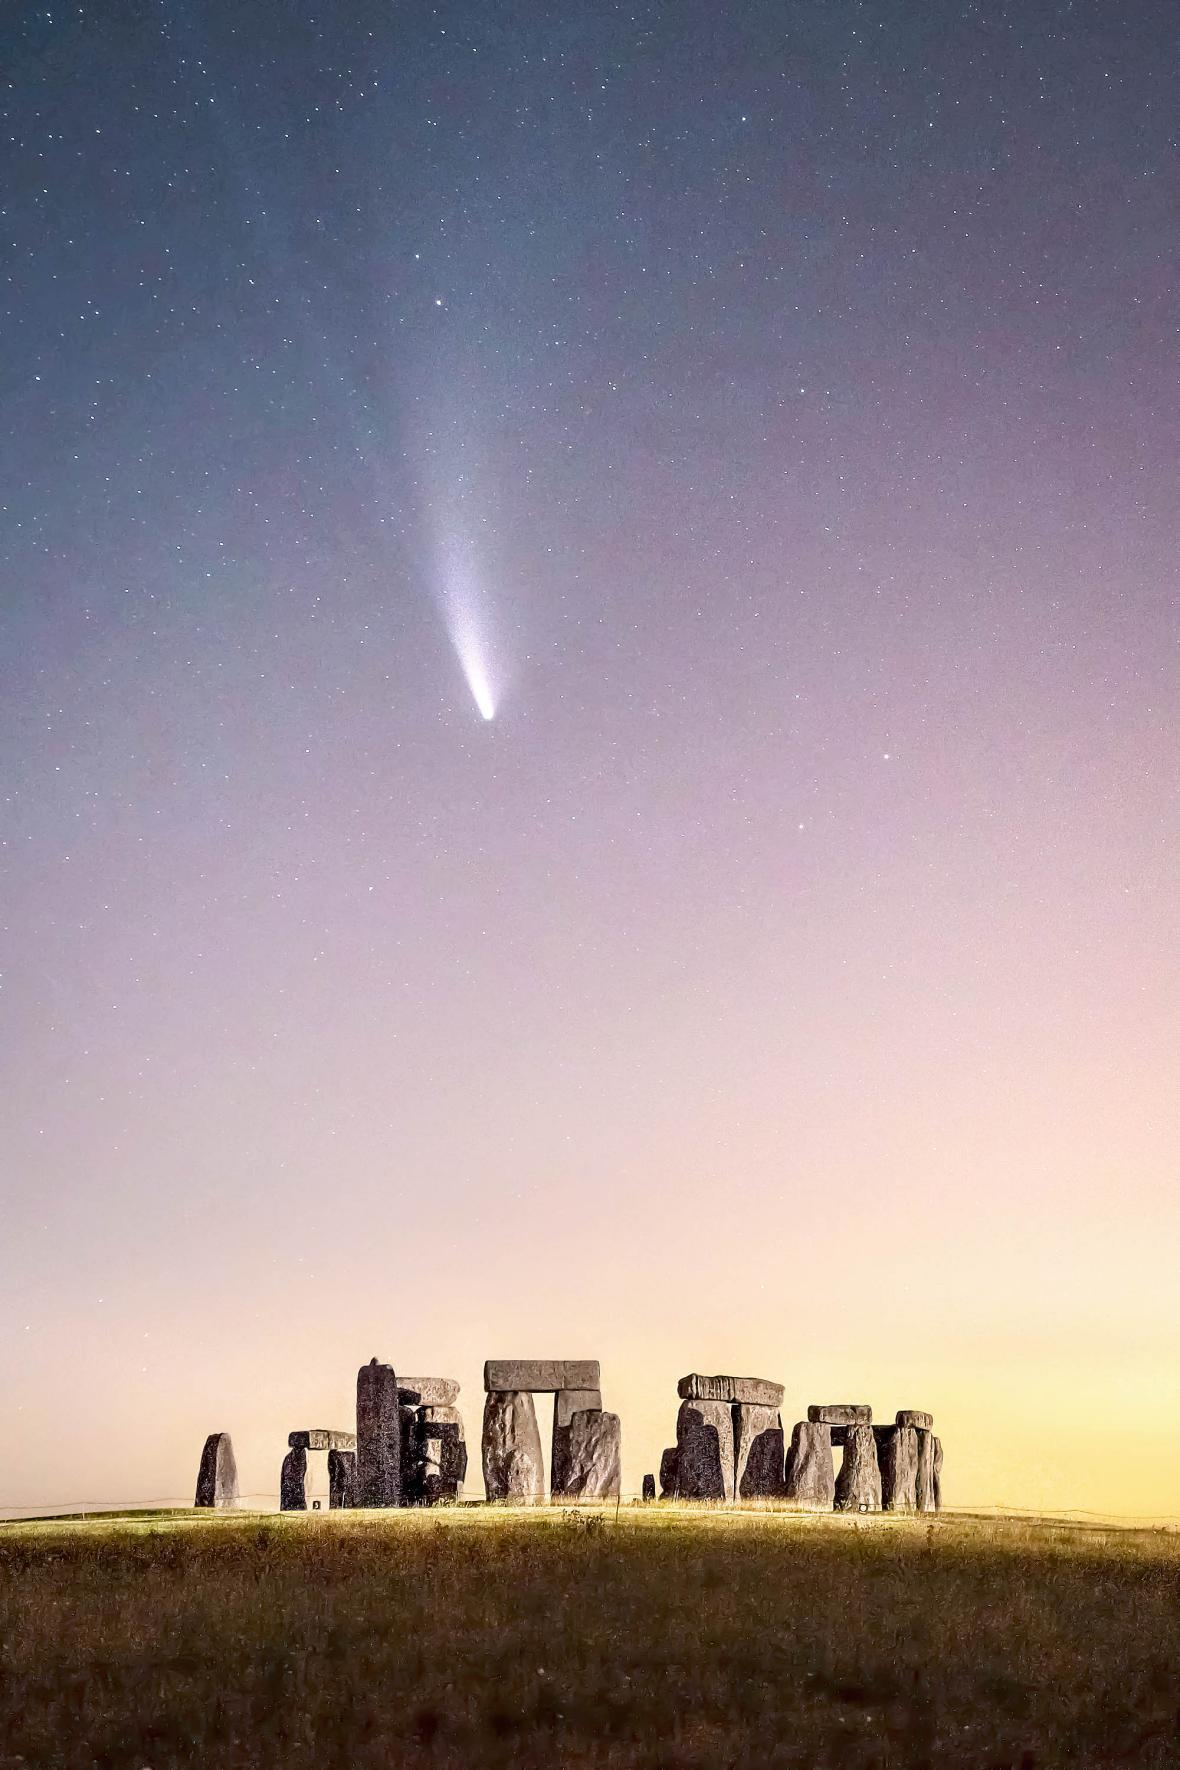 O κομήτης Neowise περνά πάνω από το Στόουνχετζ τον Ιούλιο του 2020. Την προηγούμενη φορά που πέρασε ο κομήτης αυτός από την Γη πριν από περίπου 6.800 έτη το ιστορικό μνημείο της Βρετανίας πιθανότατα δεν υπήρχε